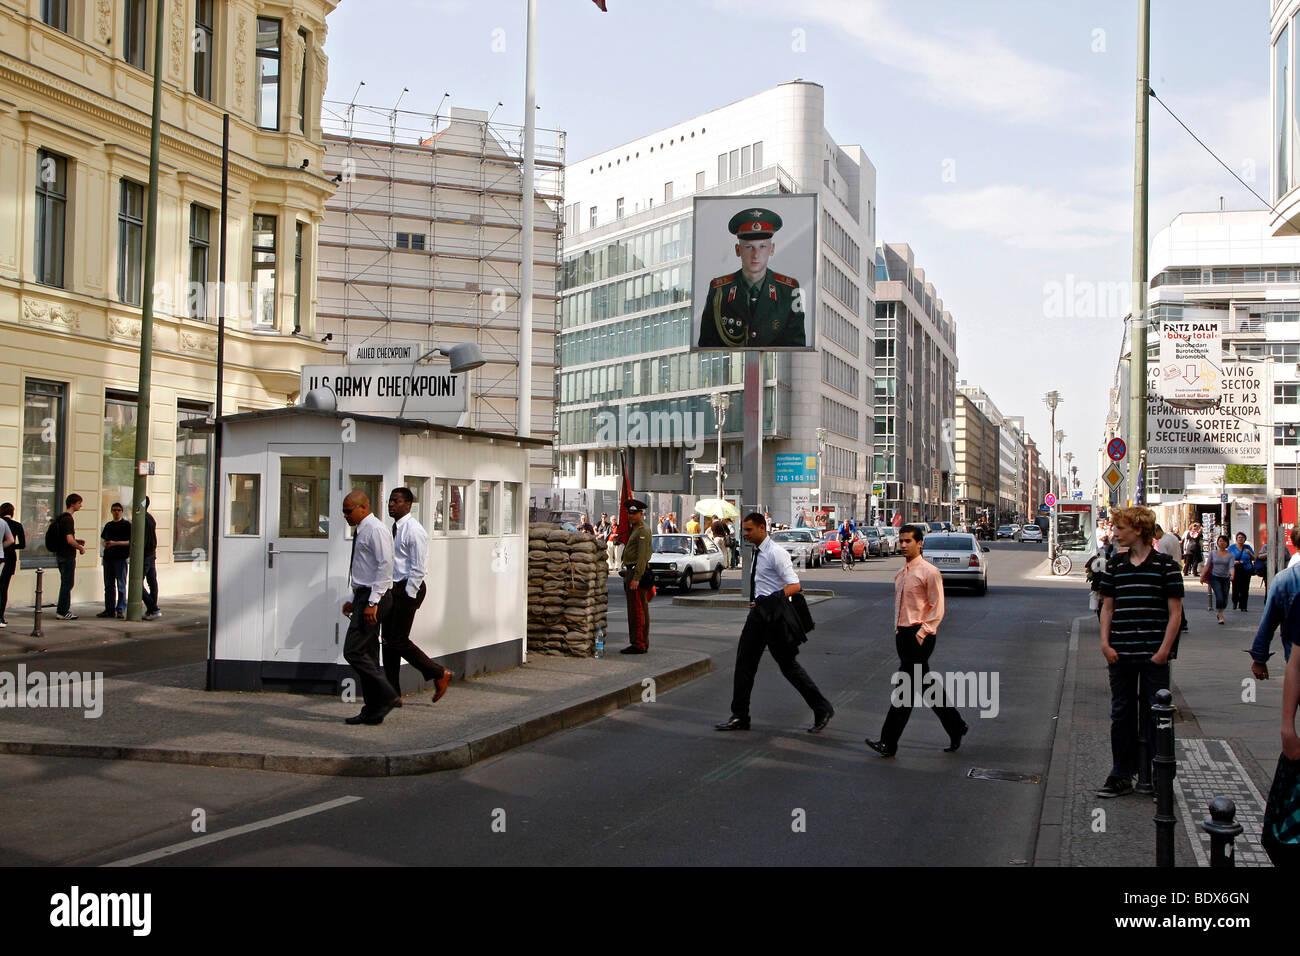 El Checkpoint Charlie, la antigua frontera, Berlín, Alemania, Europa Imagen De Stock